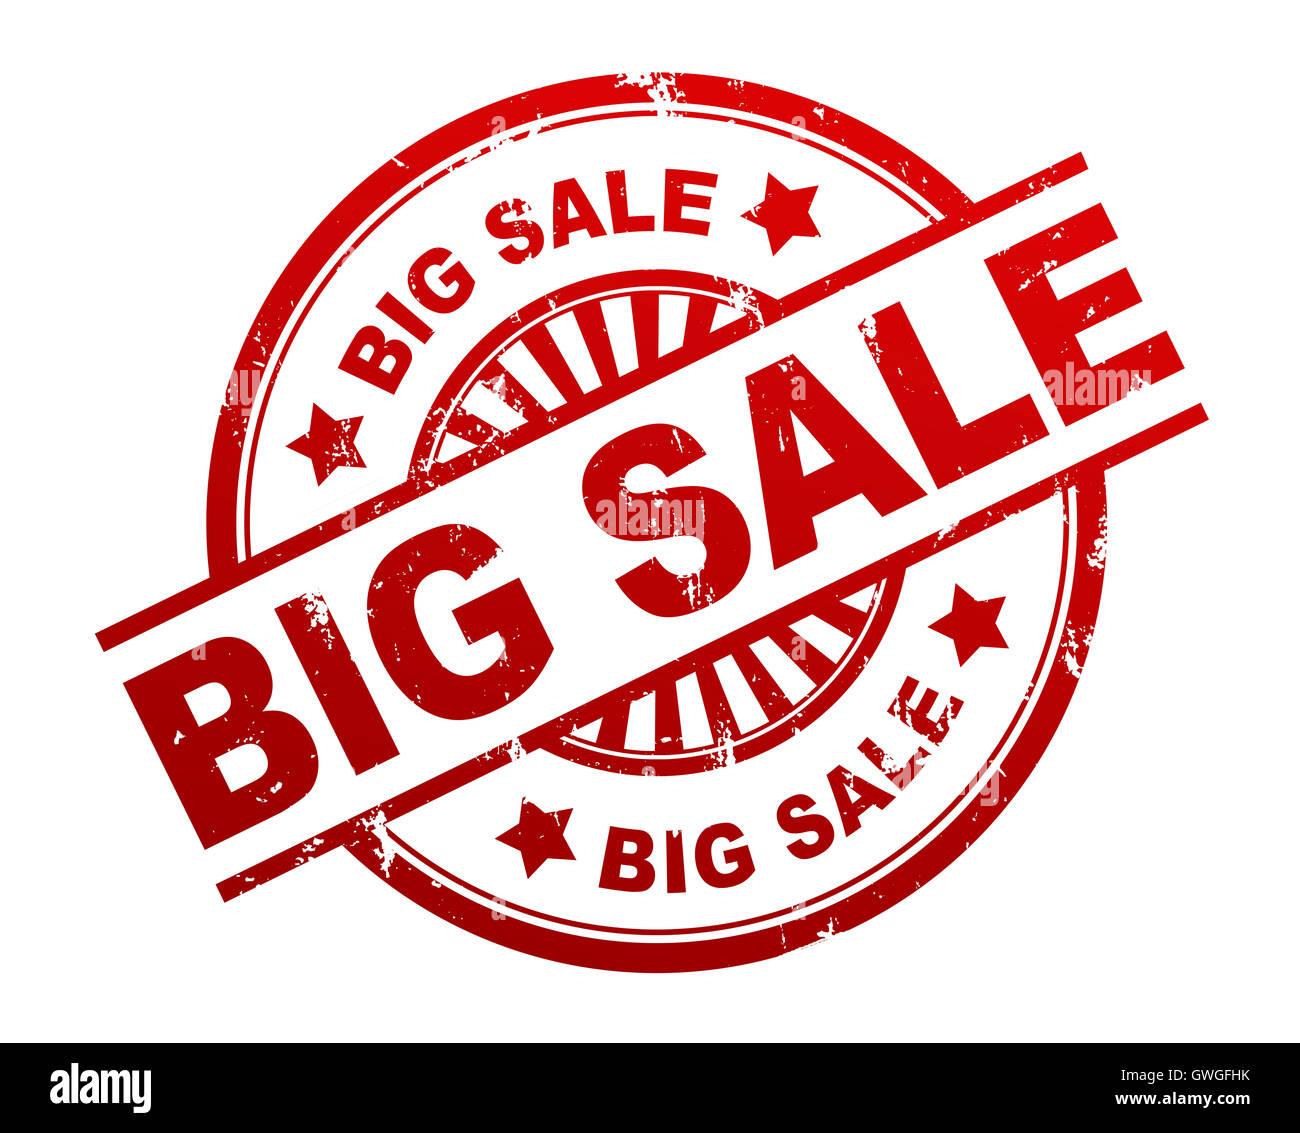 big sale stamp concept  3d illustration - Stock Image